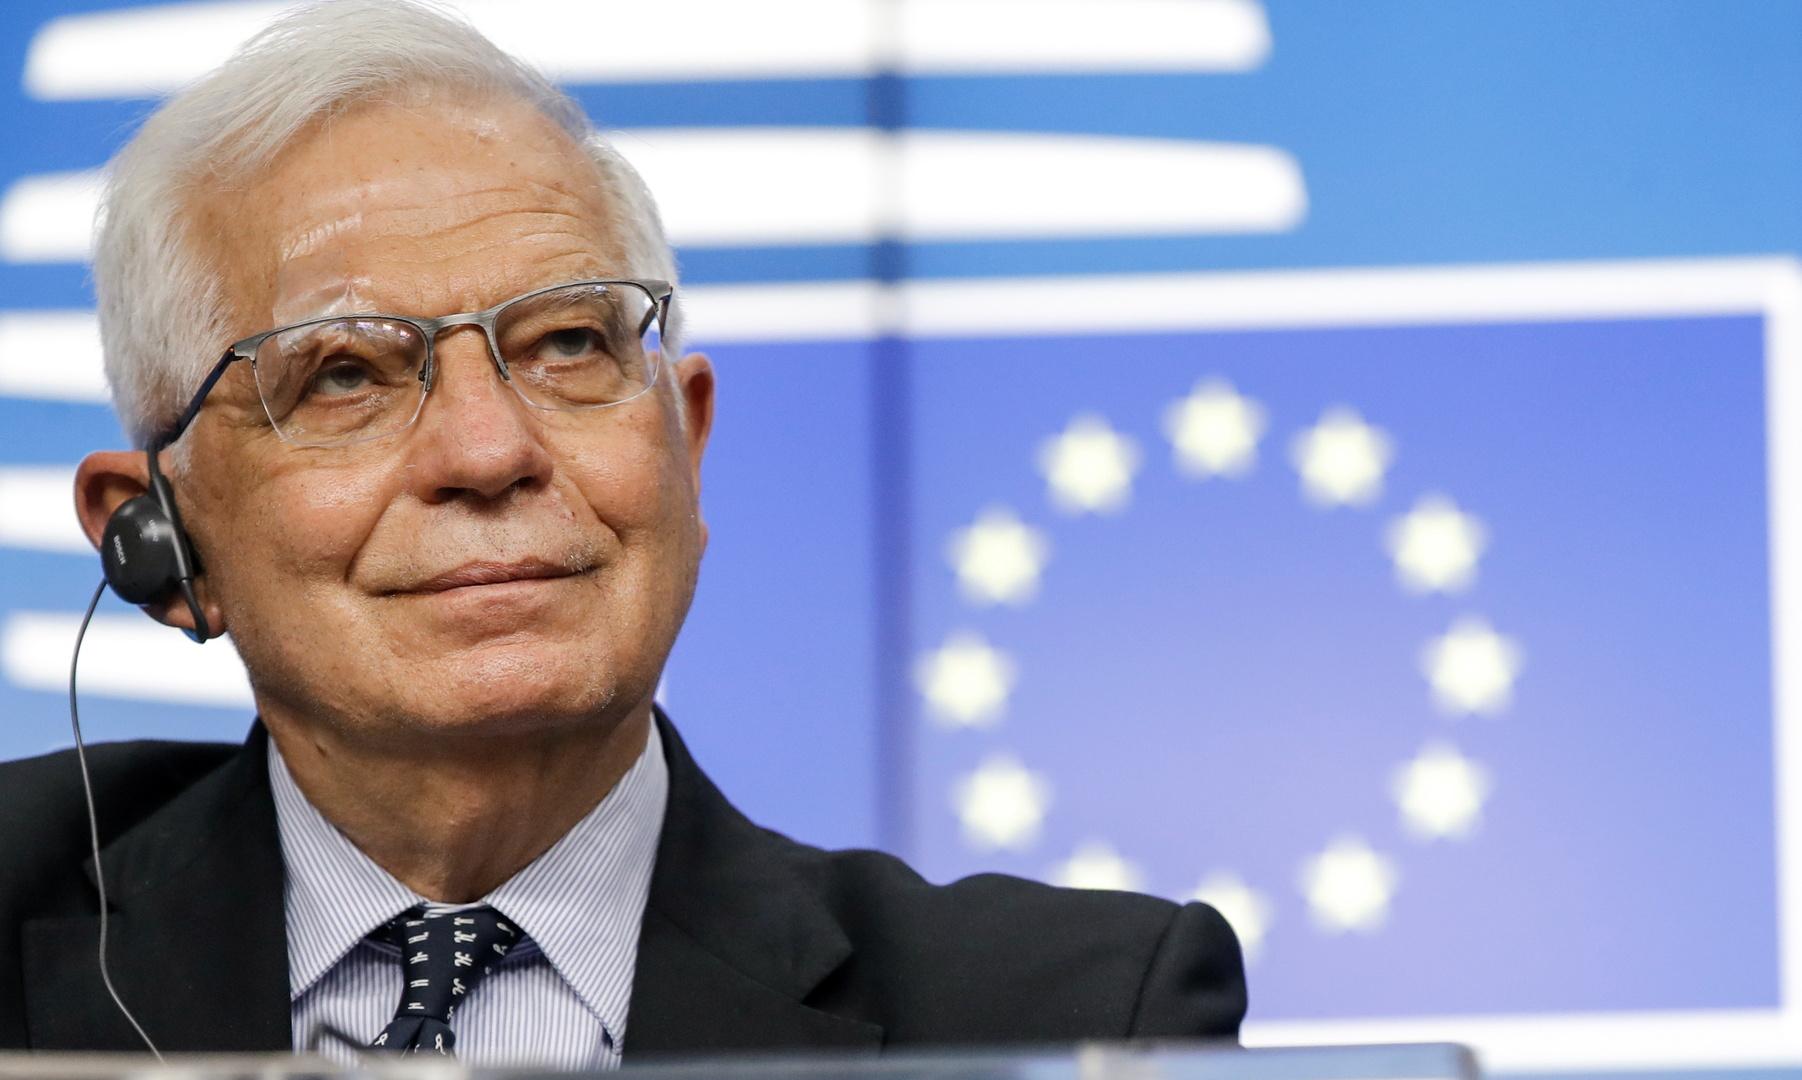 مسؤول السياسة الخارجية في الاتحاد الأوروبي، جوزيب بوريل